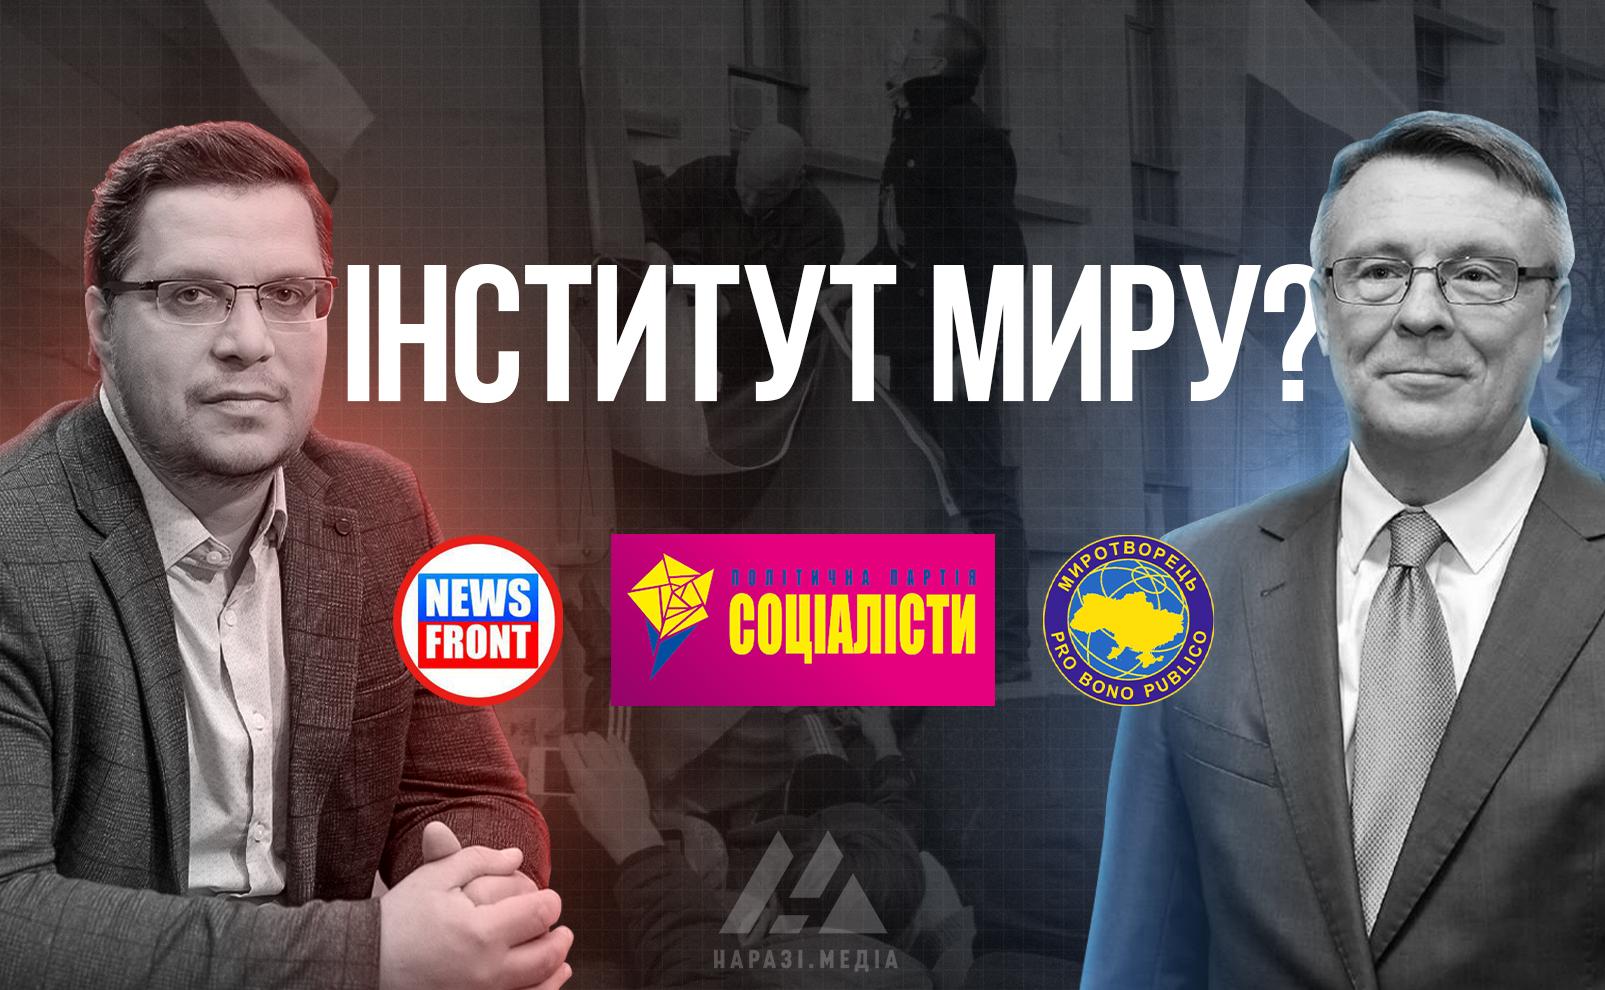 """""""Інститут Миру"""" — звичайні пацифісти або чергова проросійська партія?"""